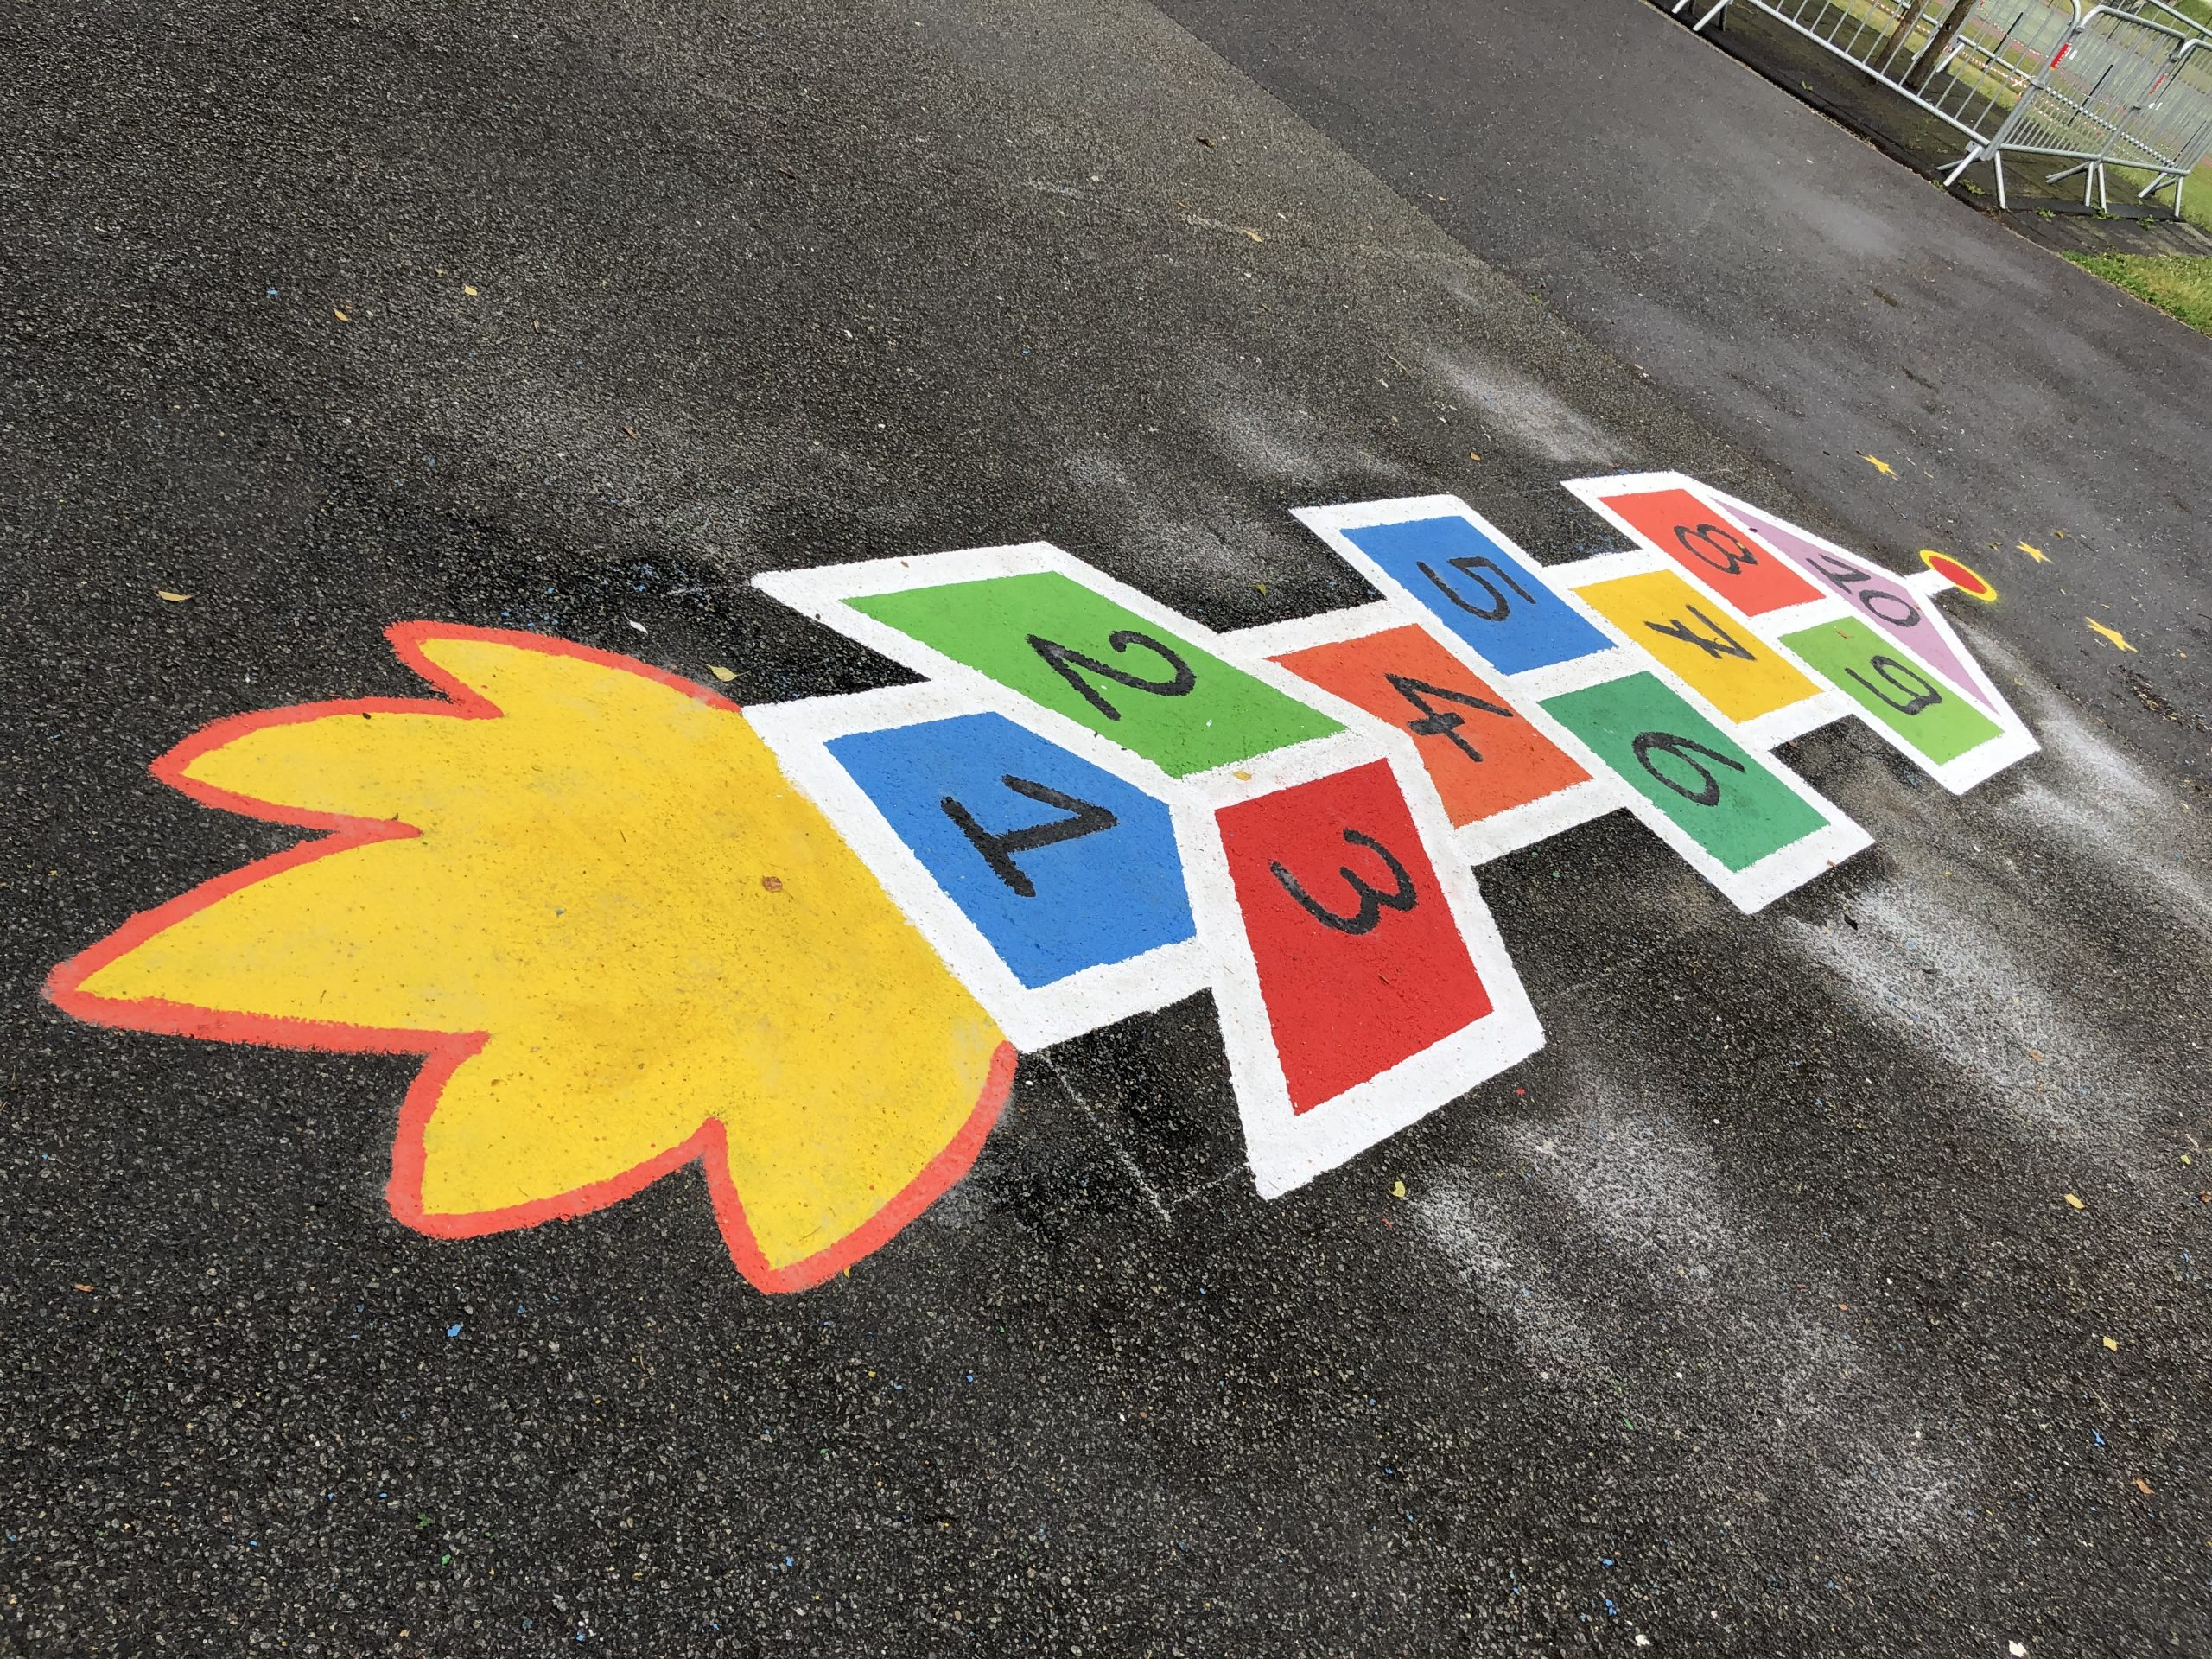 École du Parc : rénovation et création des jeux extérieurs en peinture, samedi 27 juin 2020